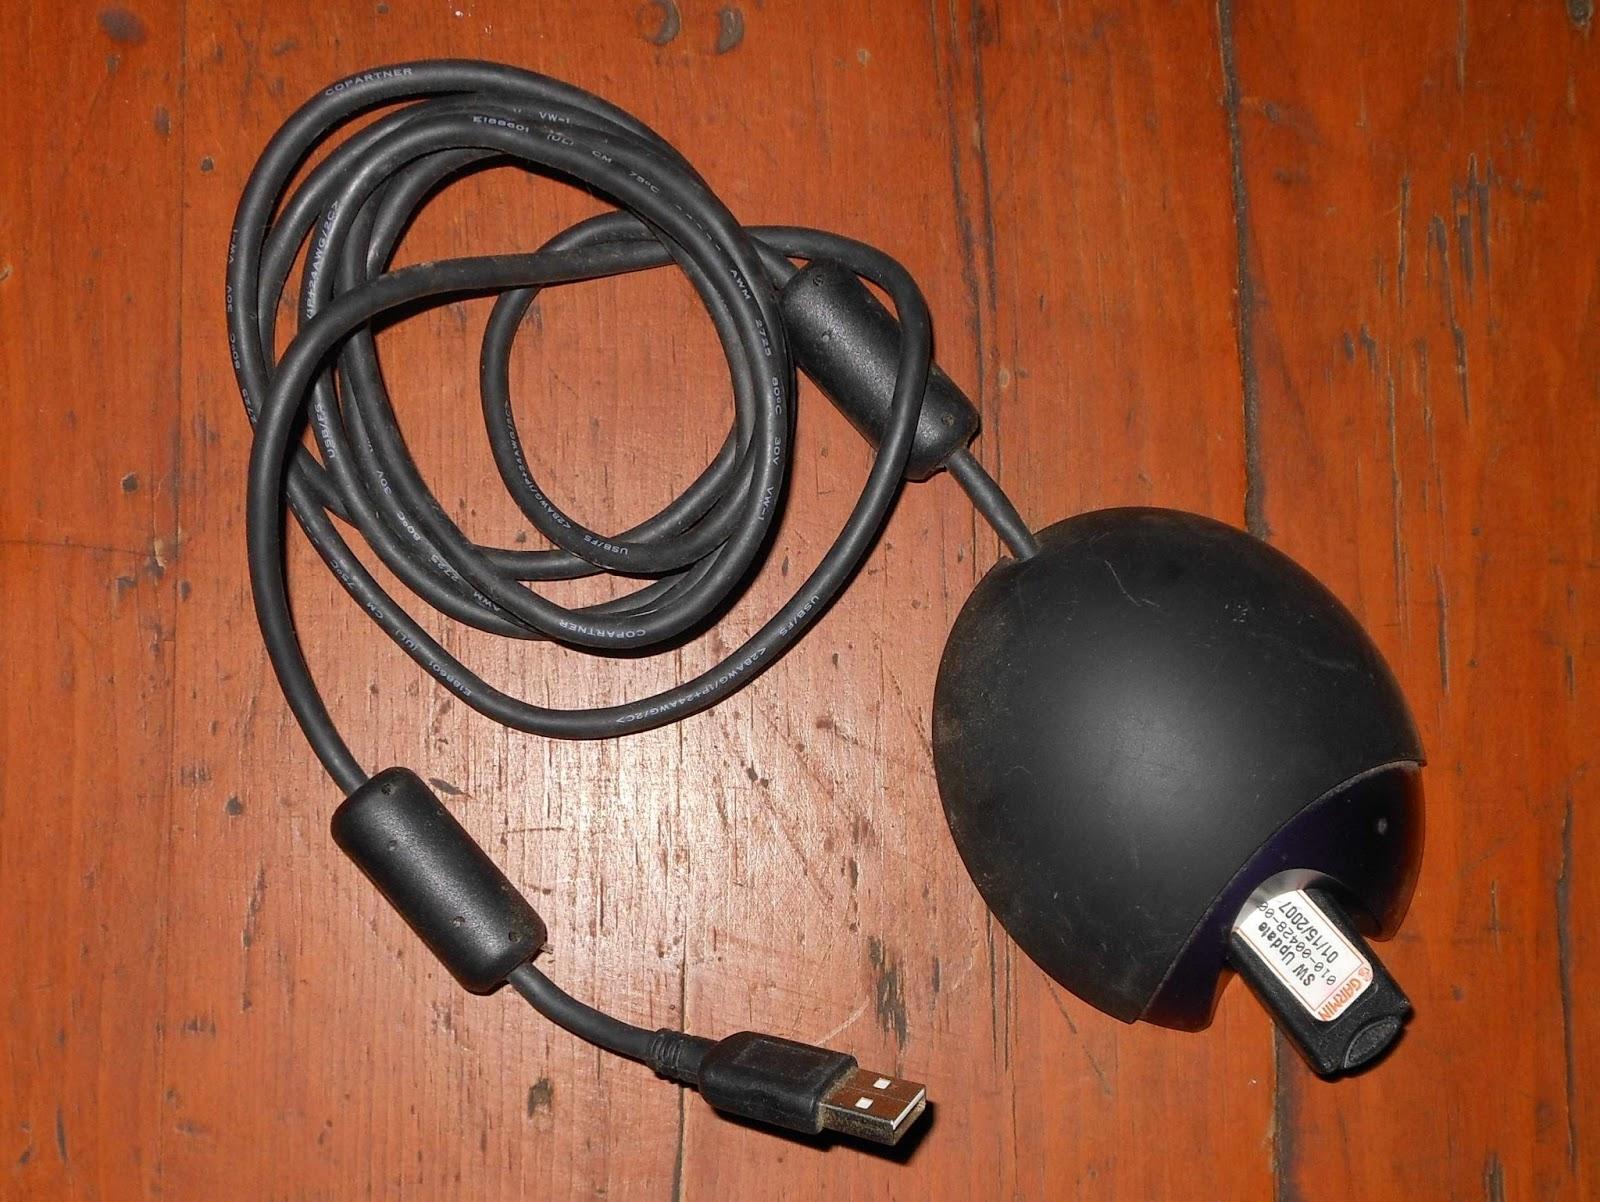 WRG-8538] Garmin 172c Wiring Diagram on